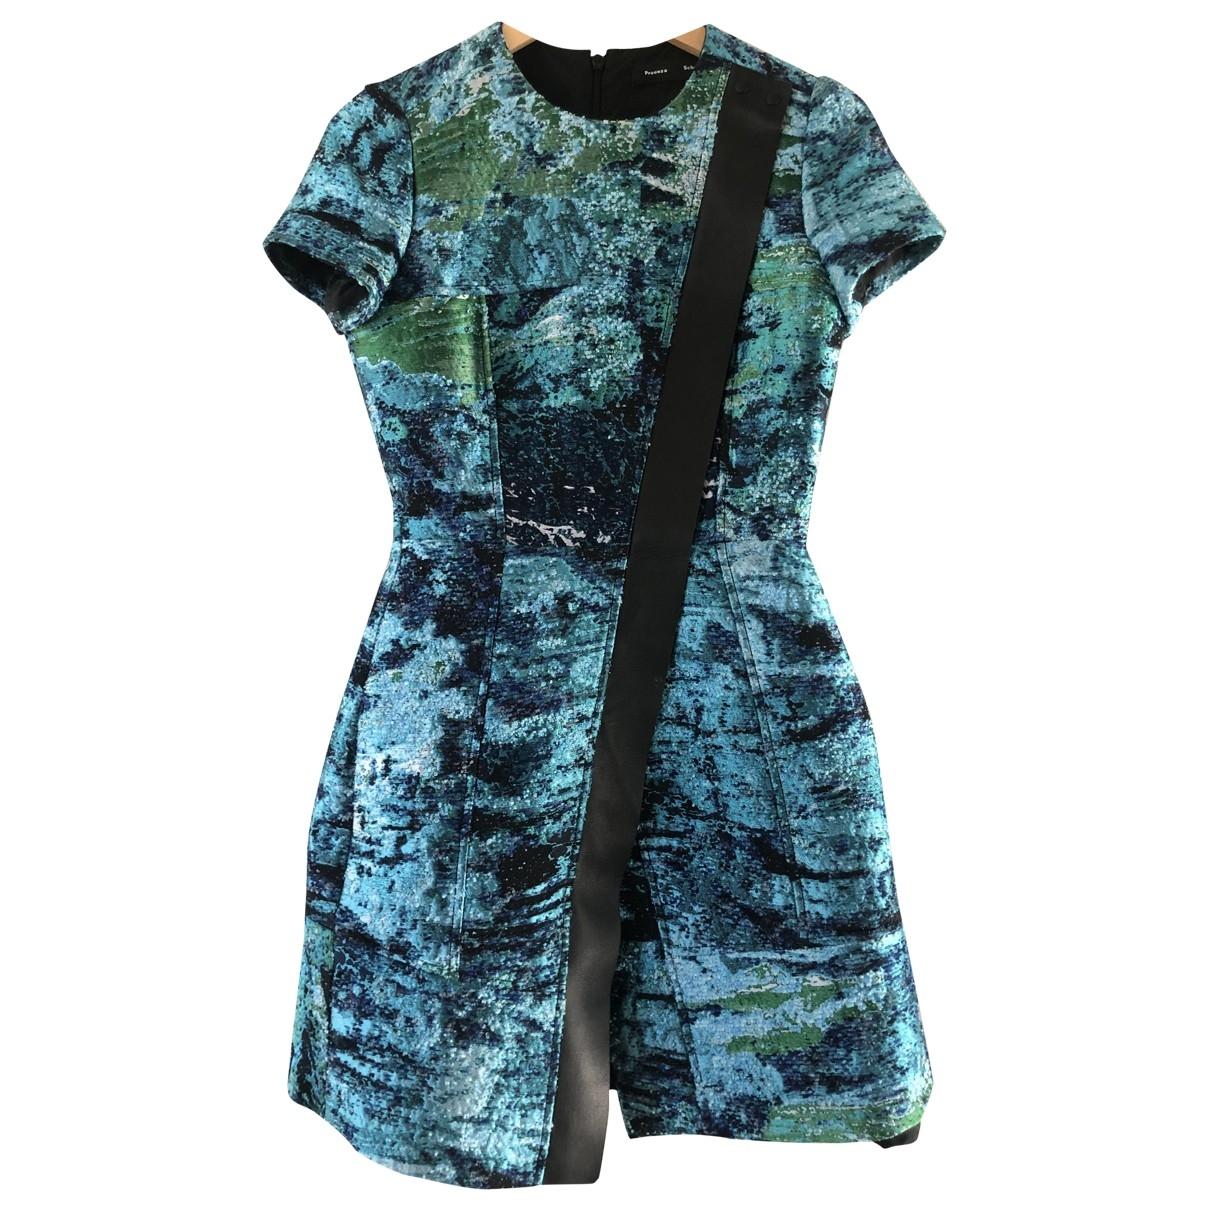 Proenza Schouler \N Kleid in  Blau Viskose